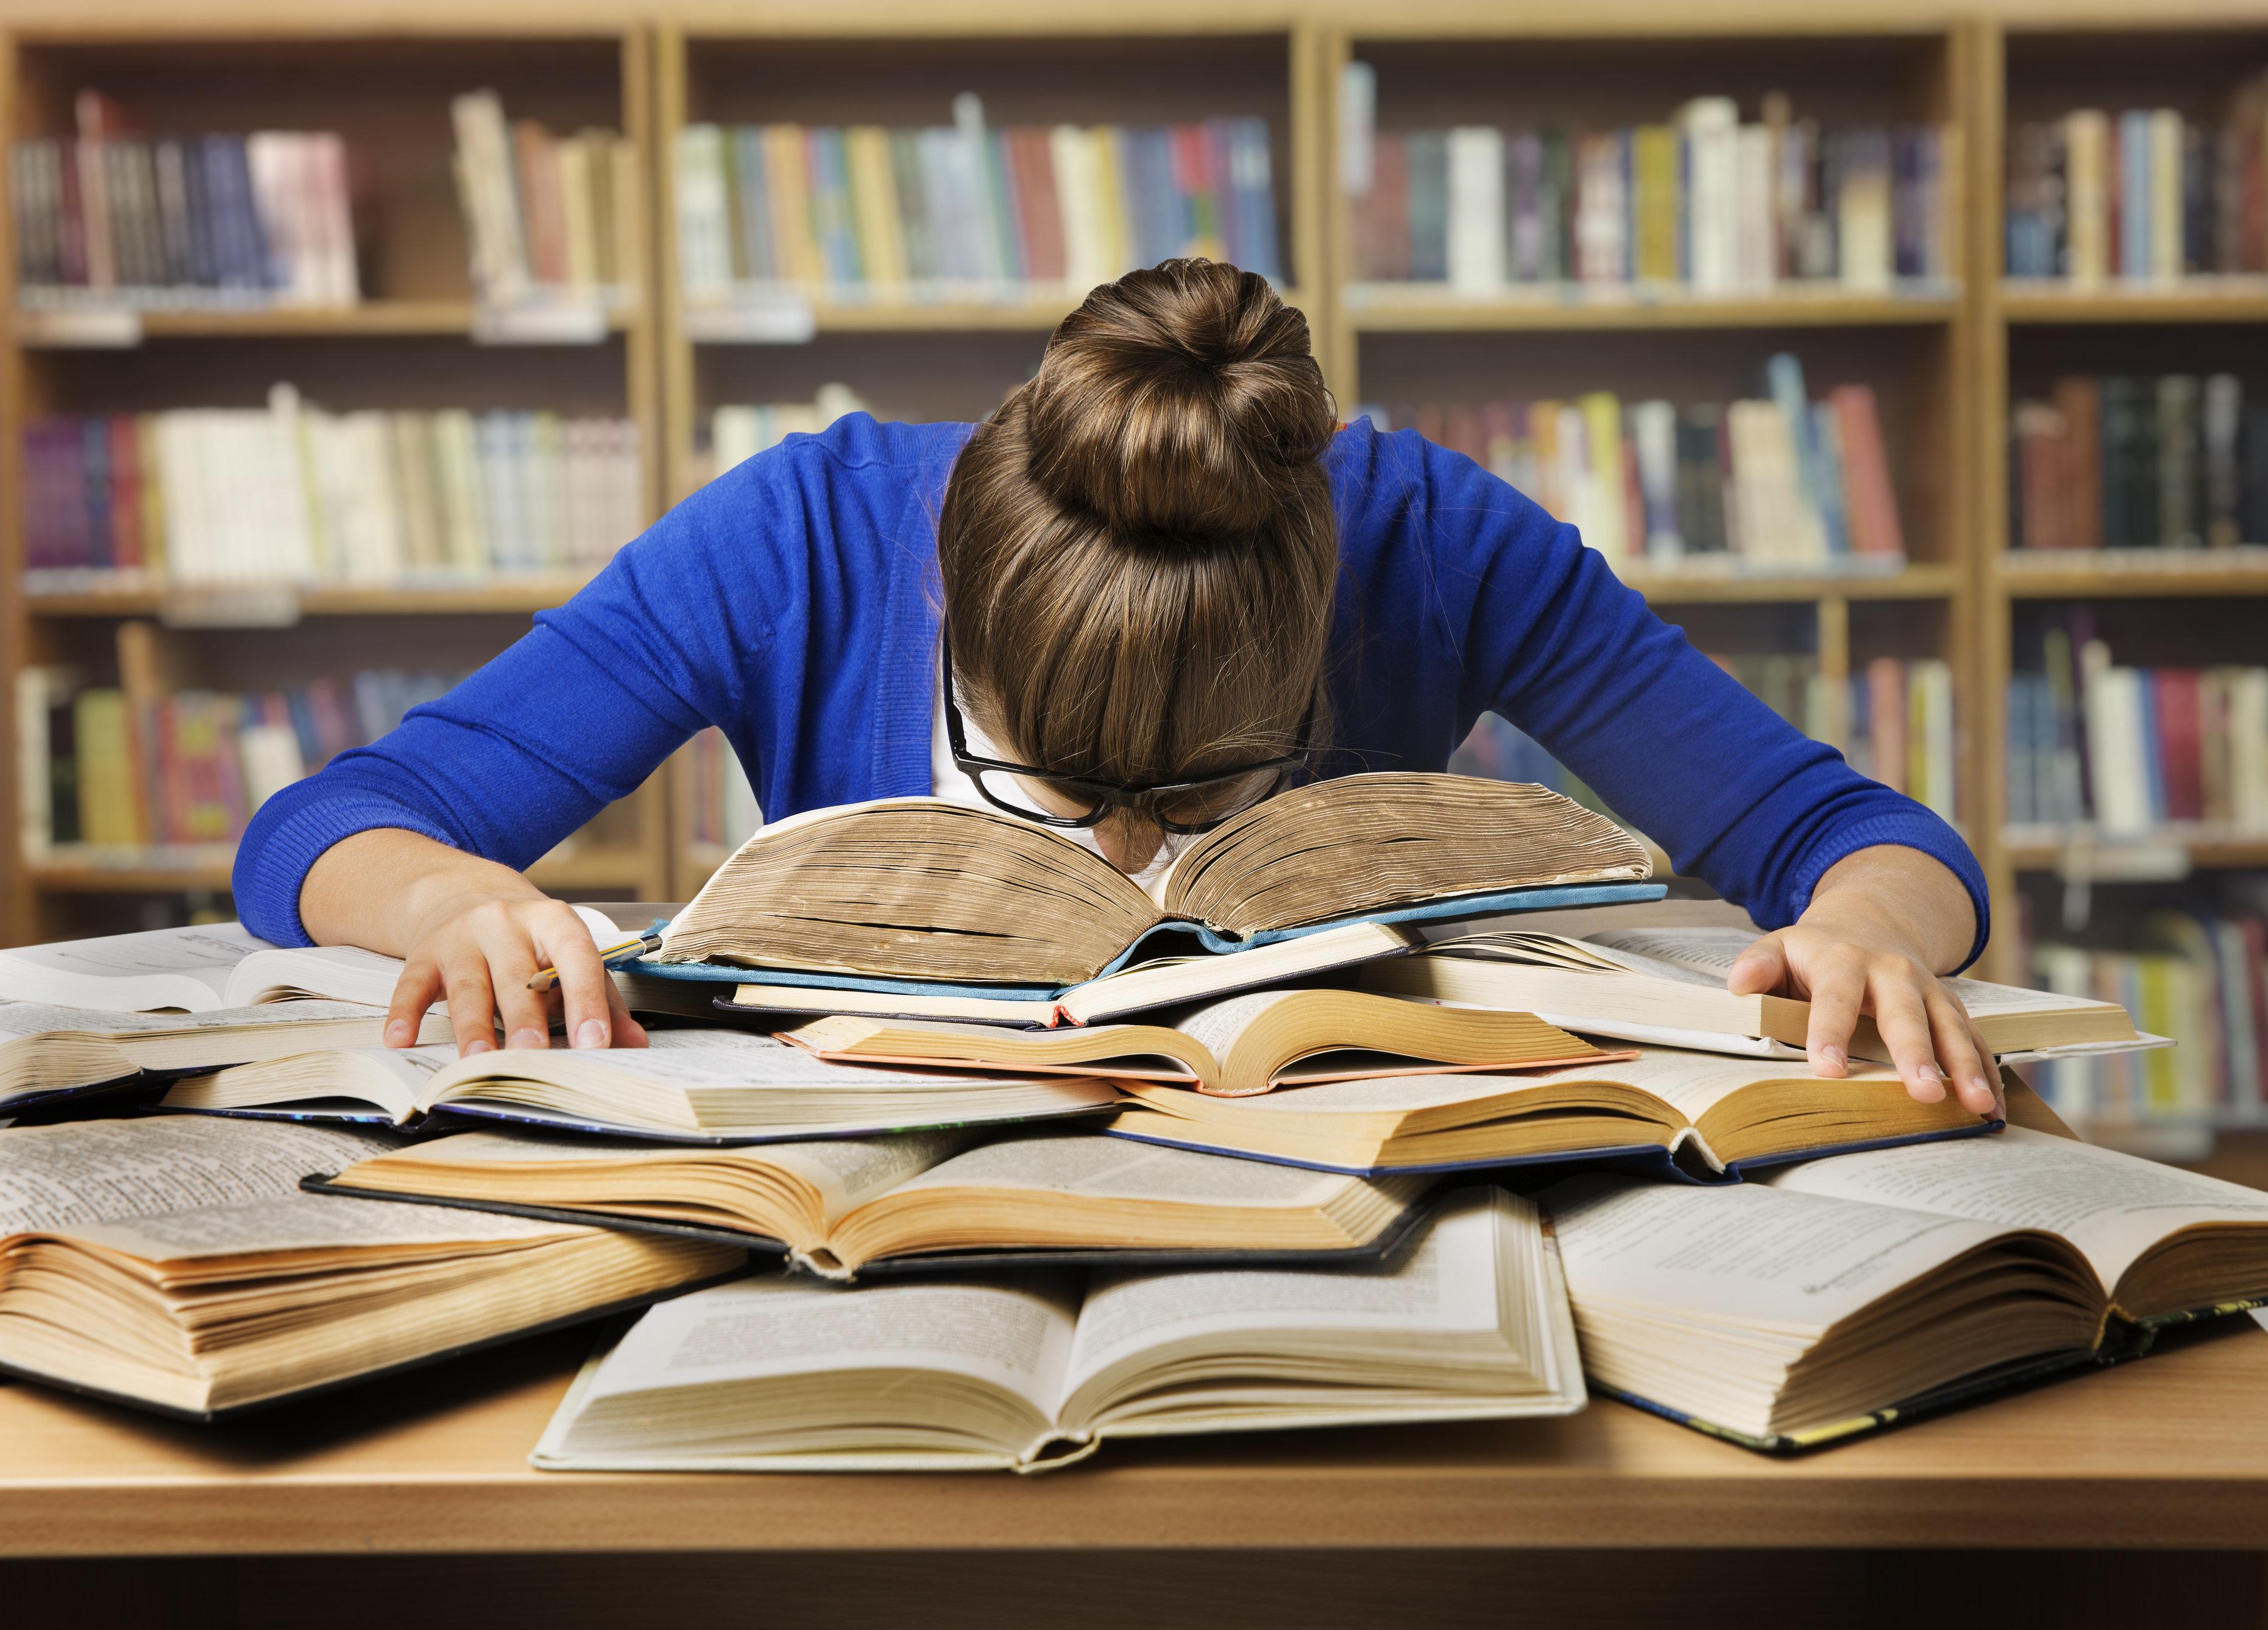 Απογοητευτικές στατιστικές: Μόνο 1 στα 6 κορυφαία πανεπιστήμια του κόσμου έχει γυναίκα επικεφαλής το